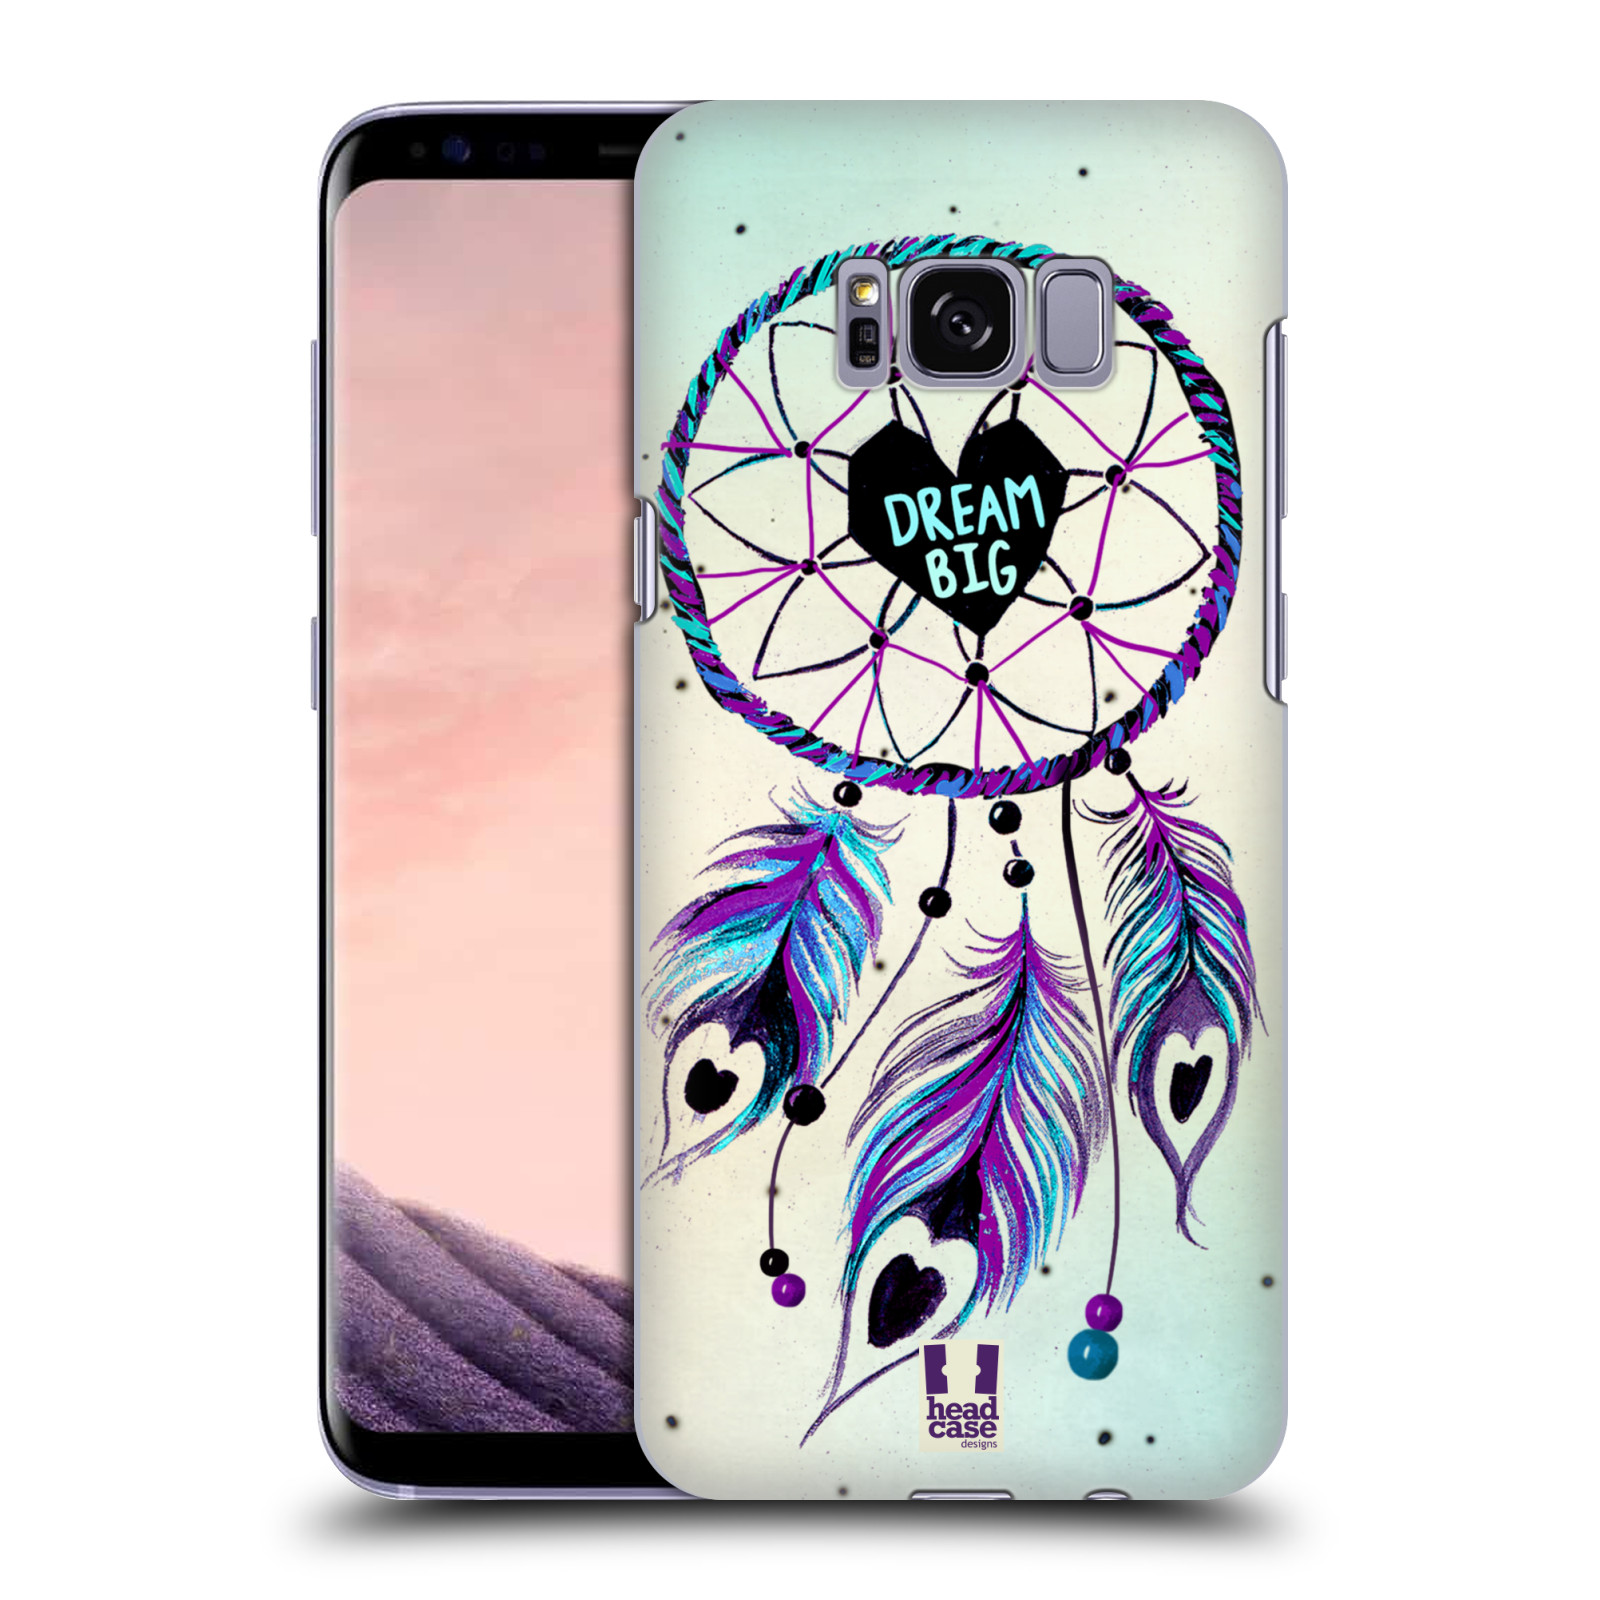 Plastové pouzdro na mobil Samsung Galaxy S8 Head Case Lapač Assorted Dream Big Srdce